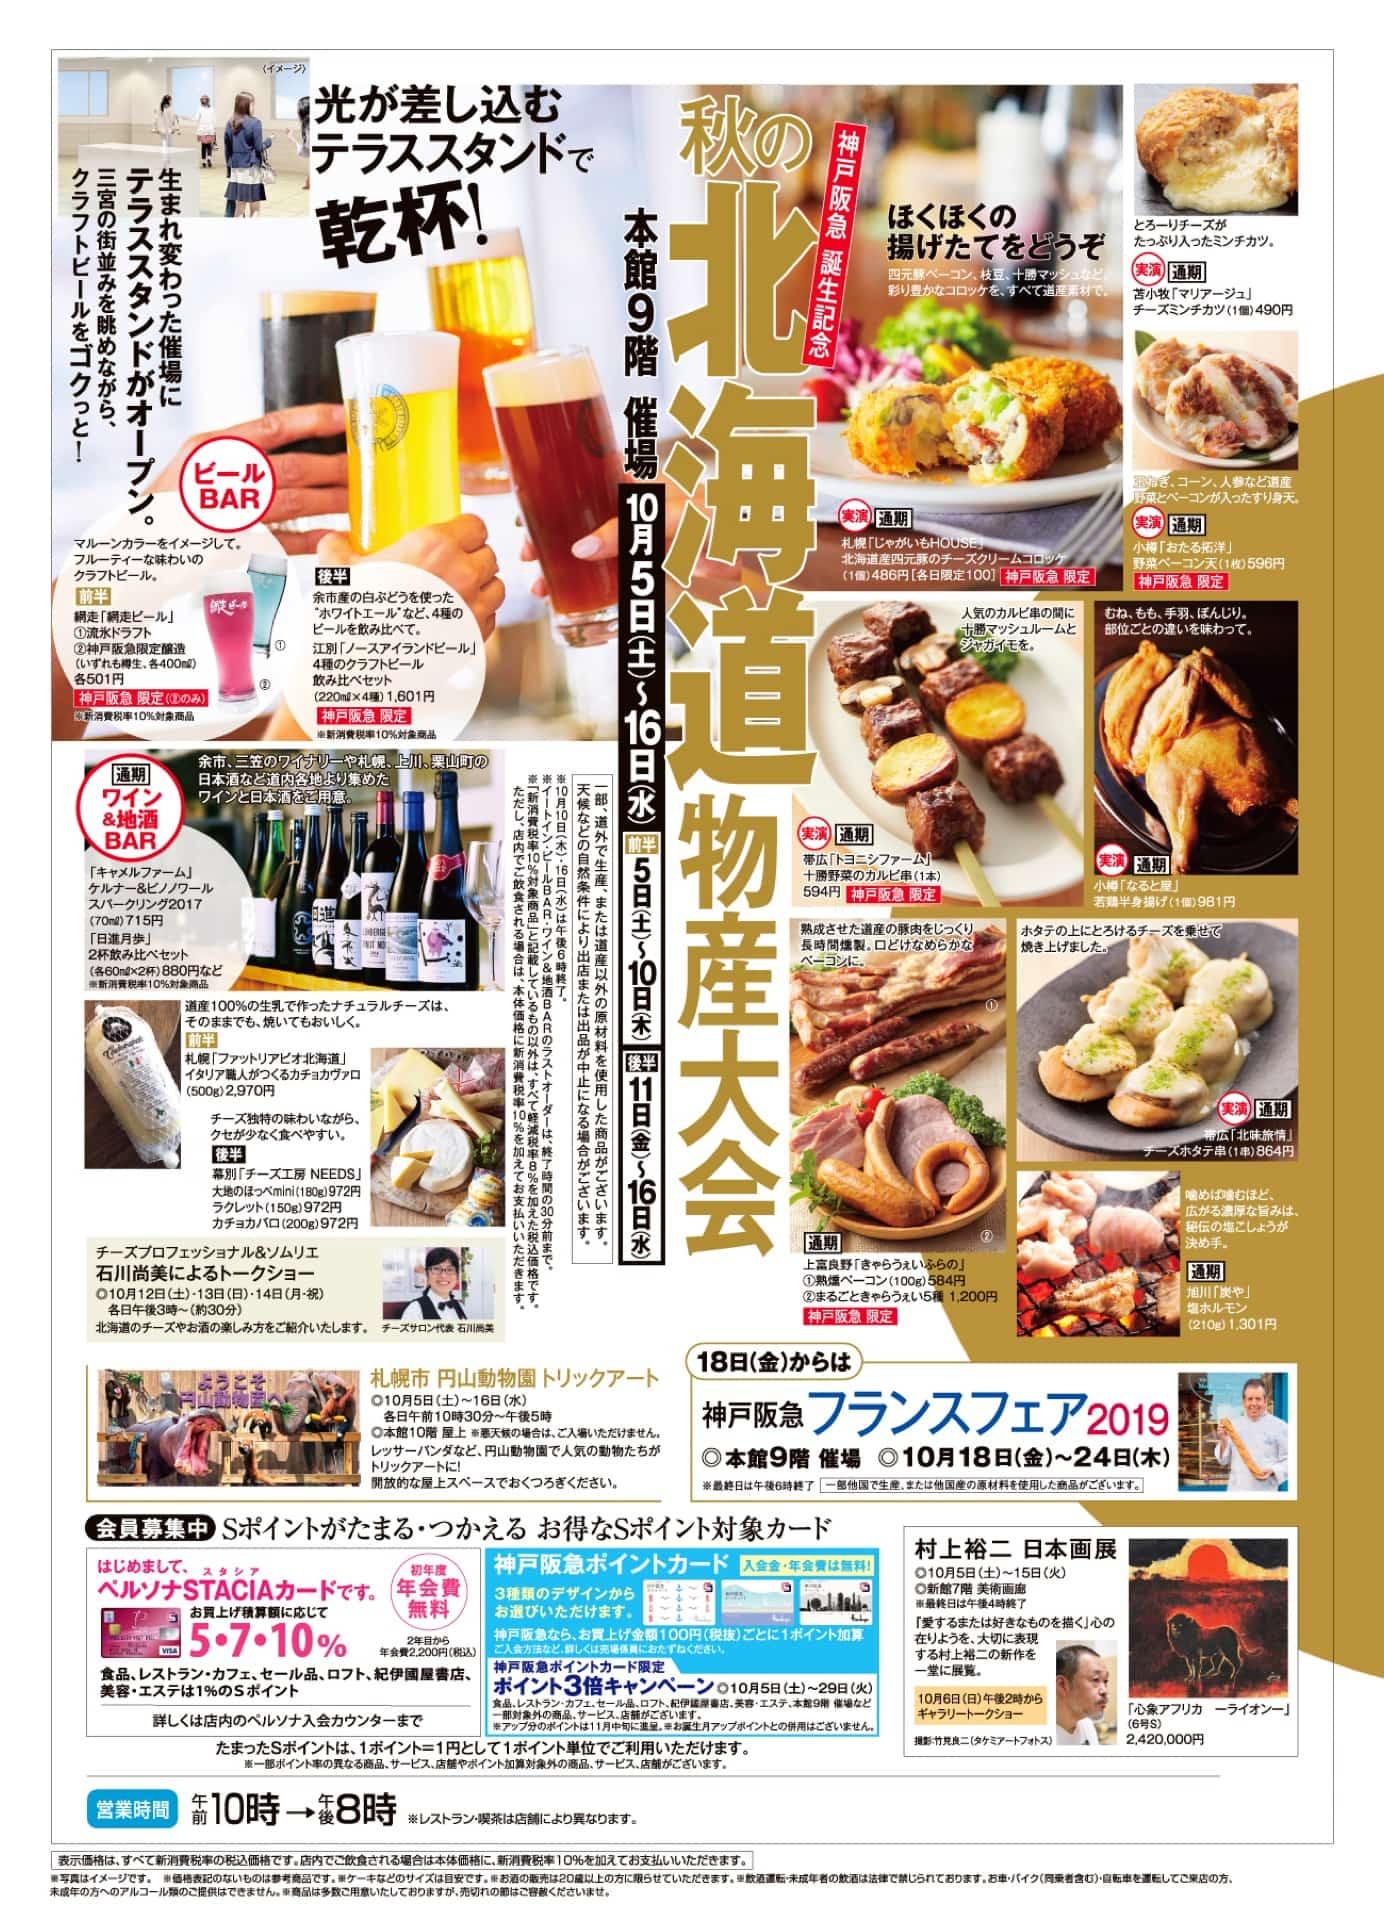 【2019年】神戸阪急で北海道物産展「秋の北海道物産大会」開催!